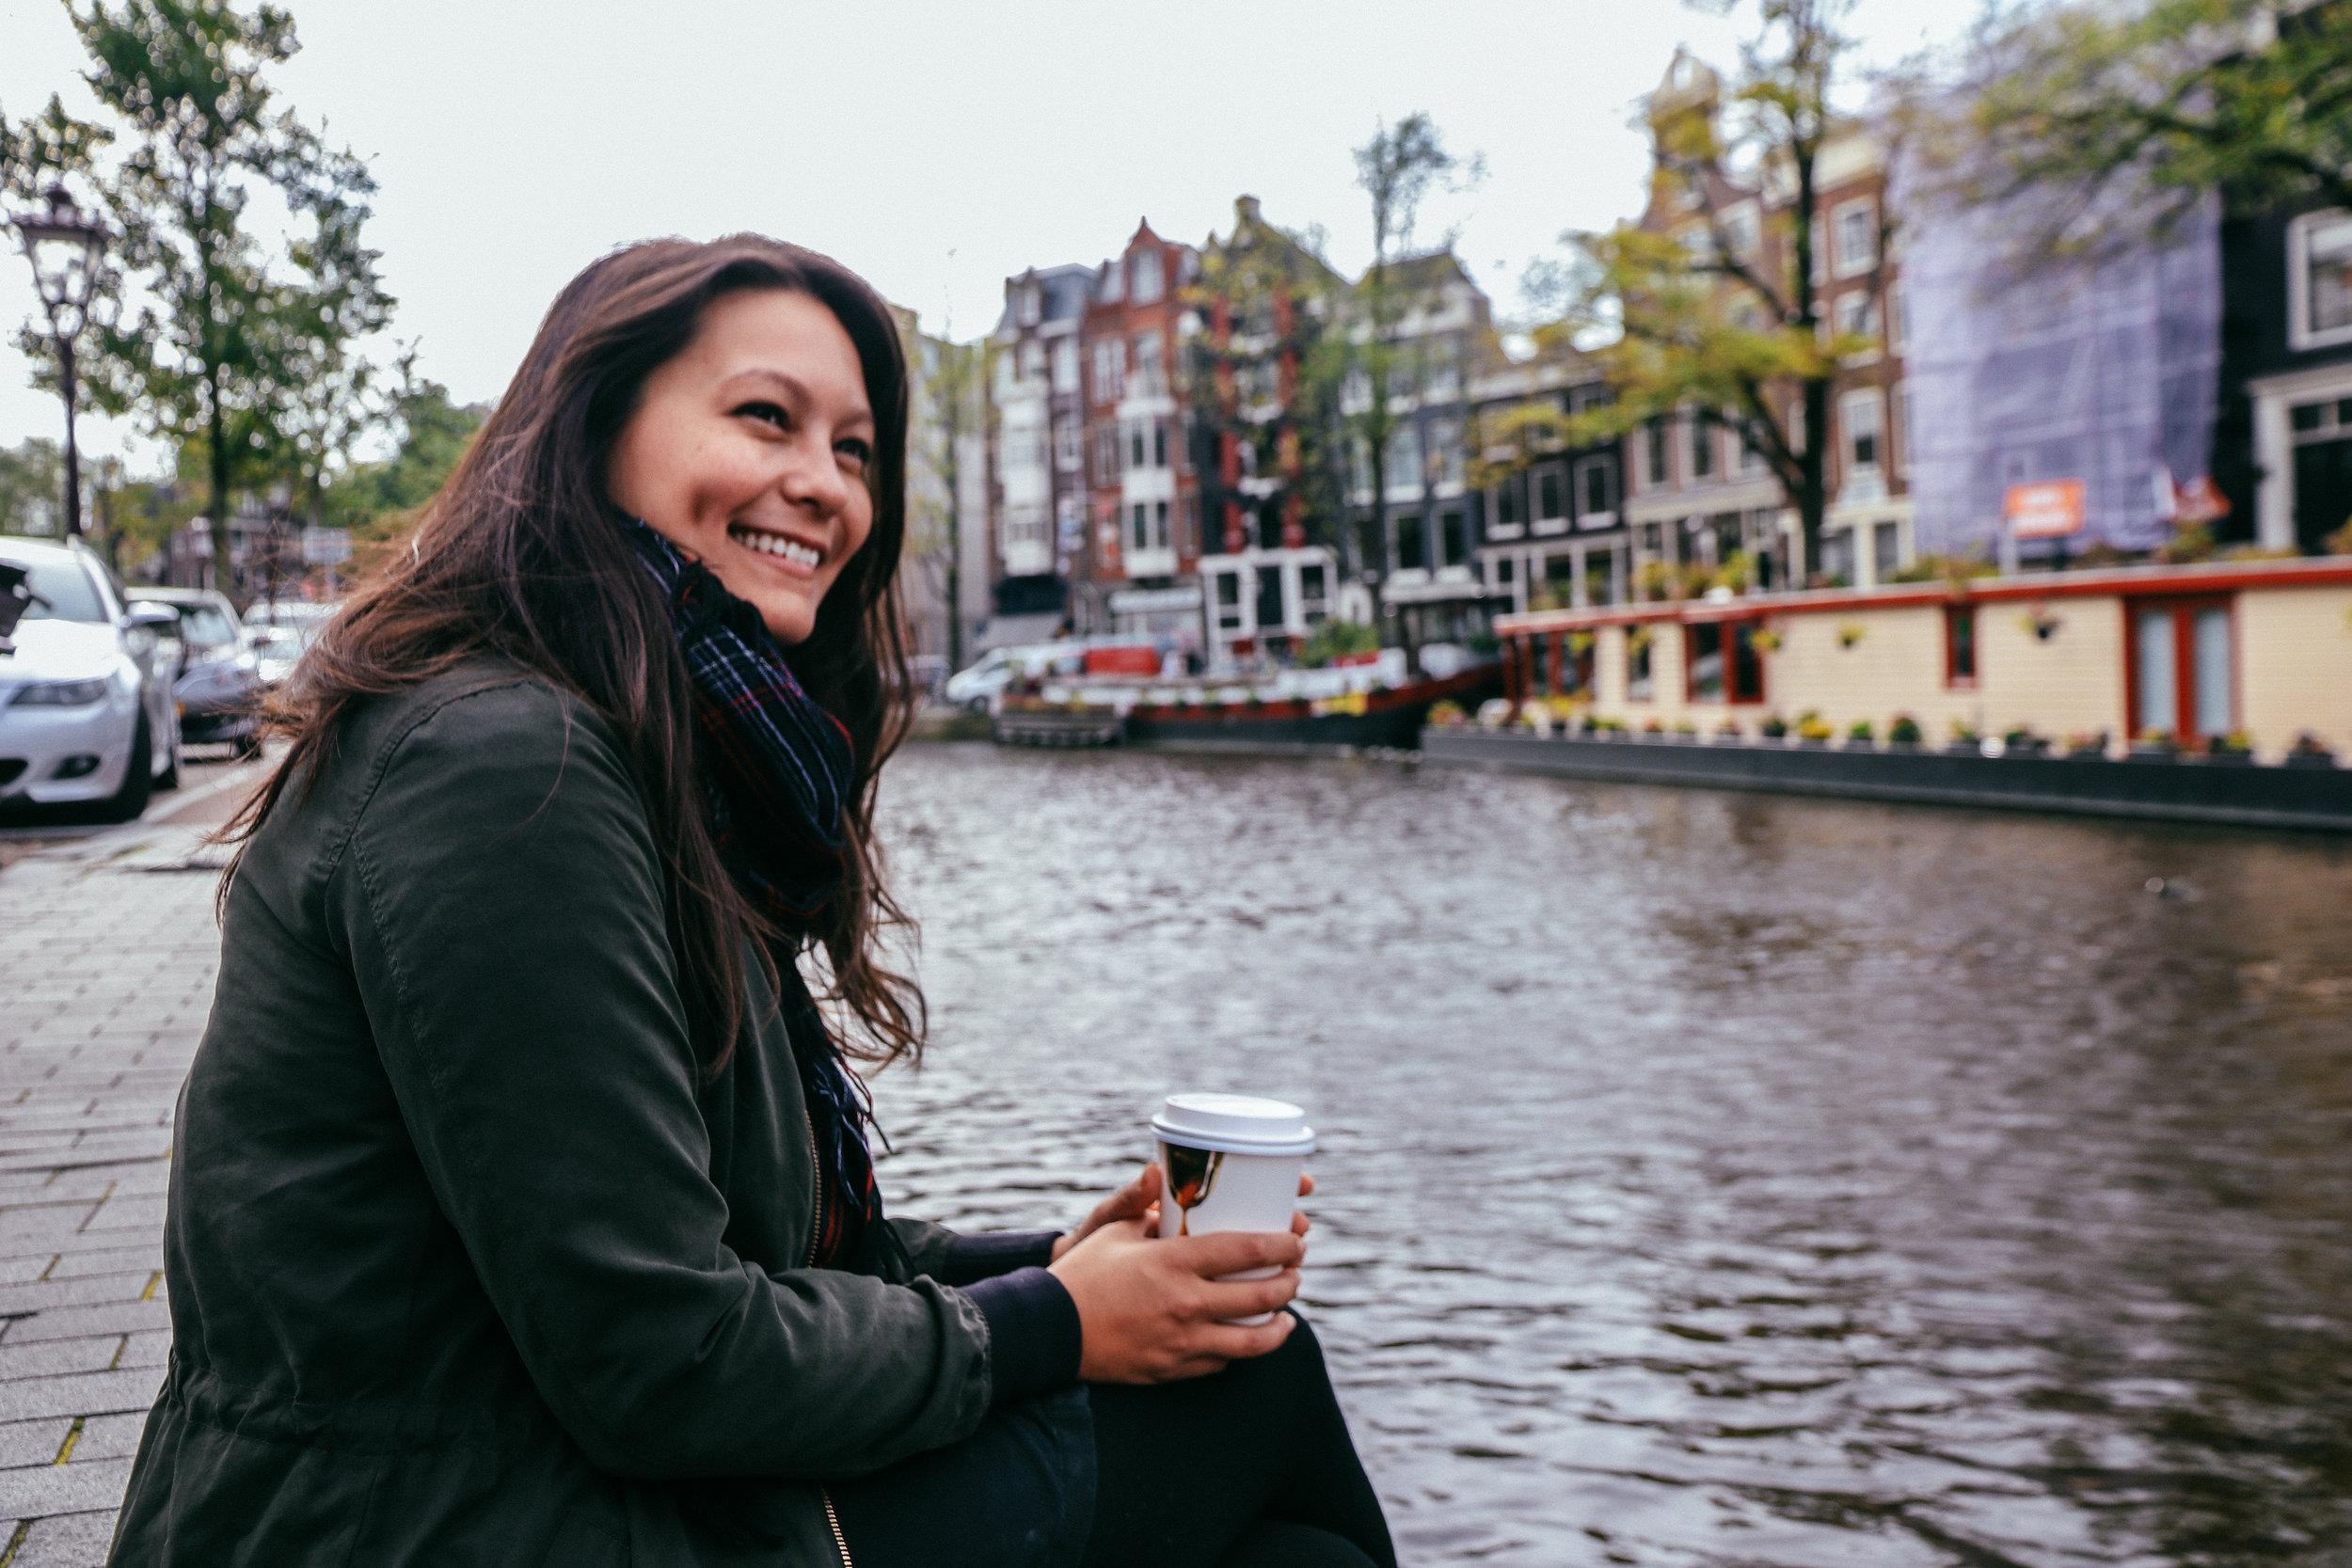 Photo by Steffie van Rhee in Amsterdam, August 2017